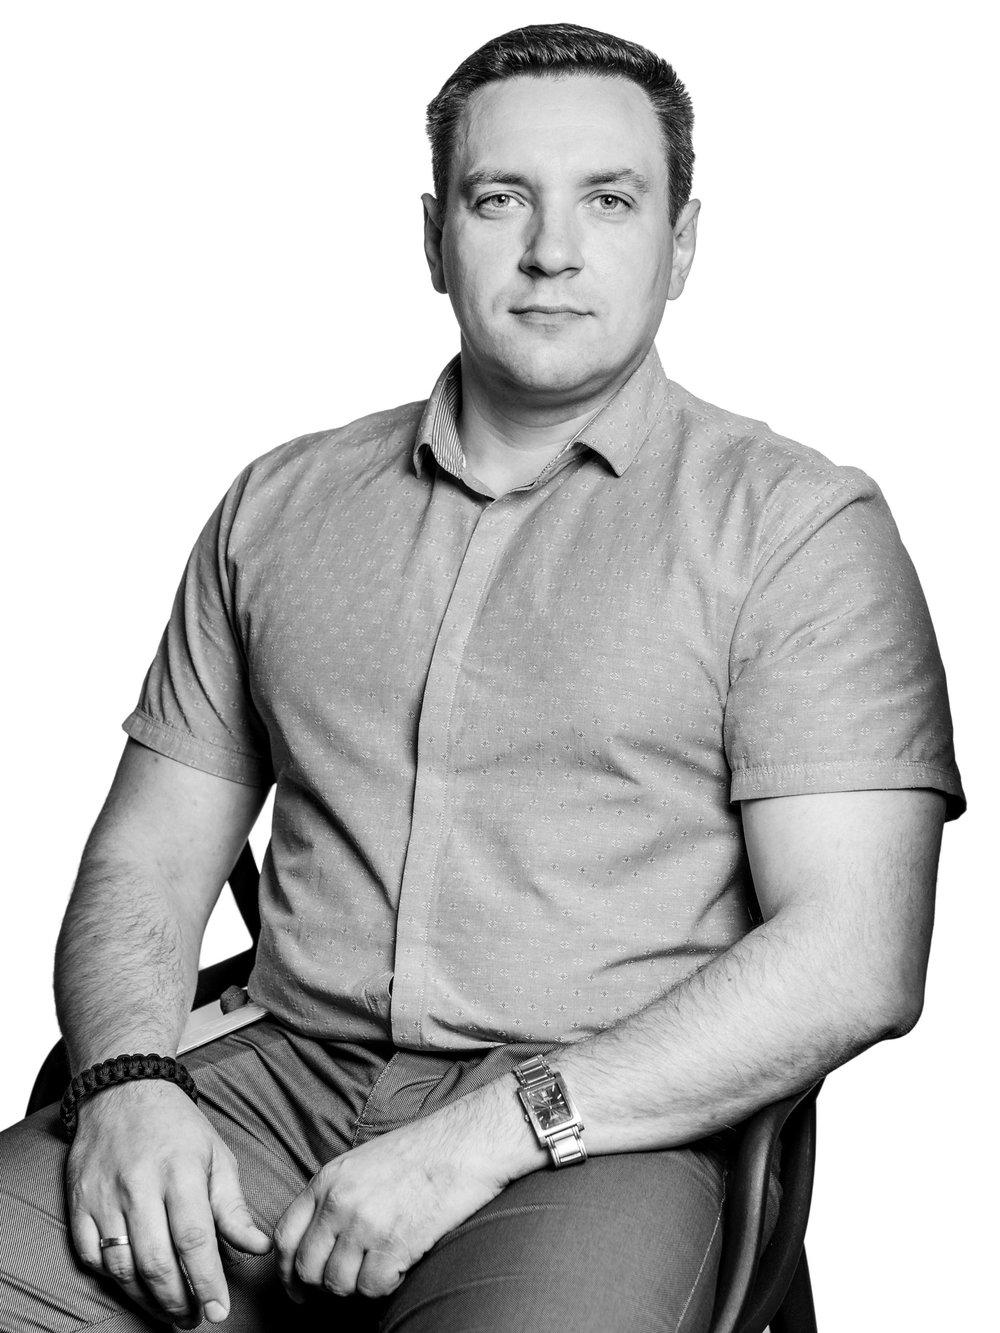 Andrei Pleskatšjov - Architectandrei.pleskatsjov@ars.ee